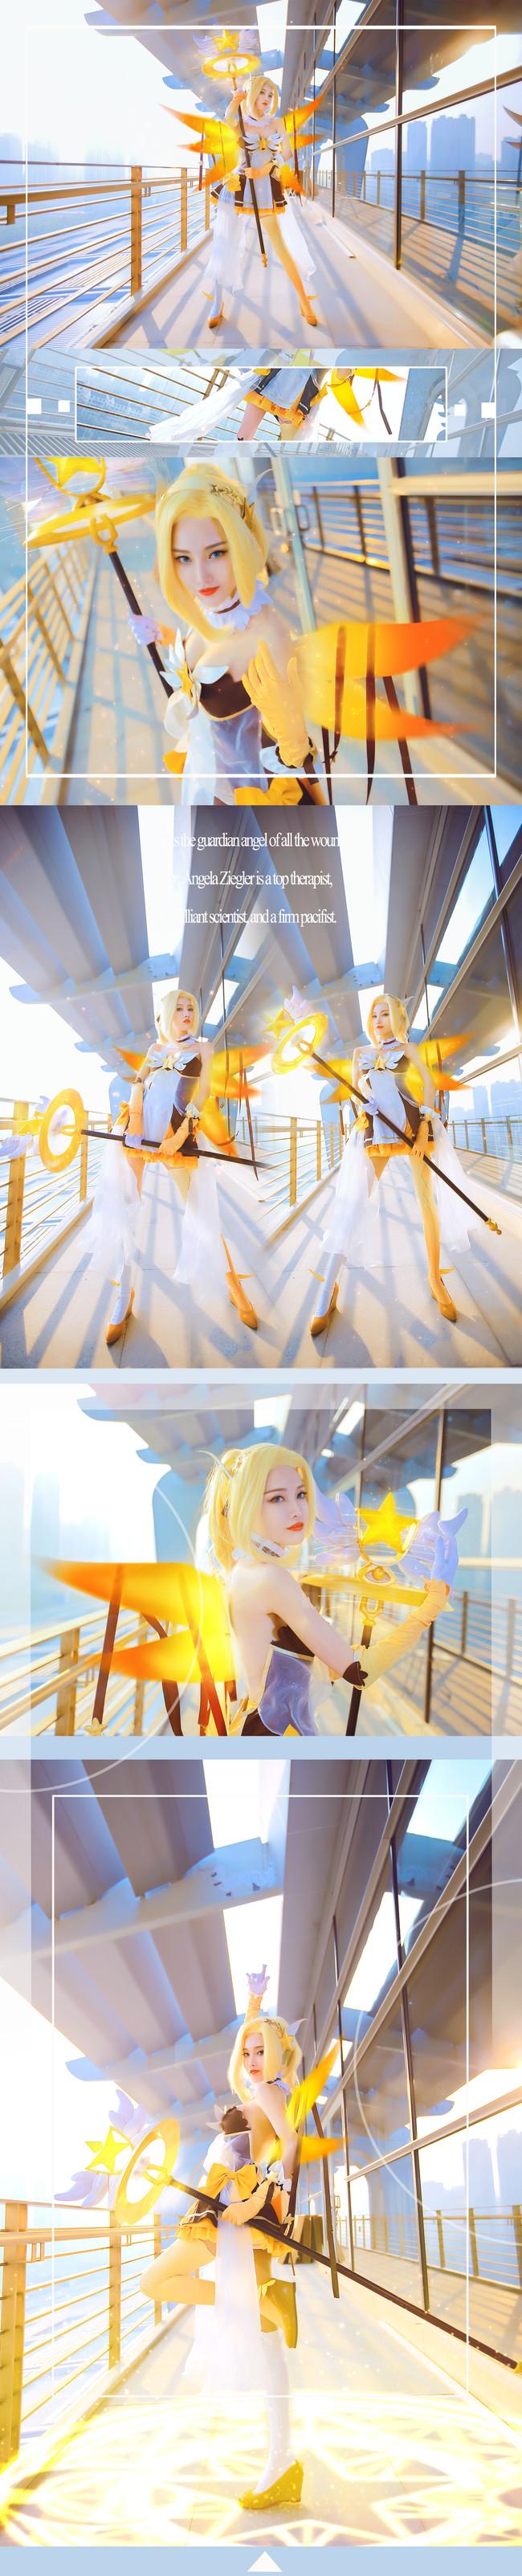 守望先锋,天使,cosplay